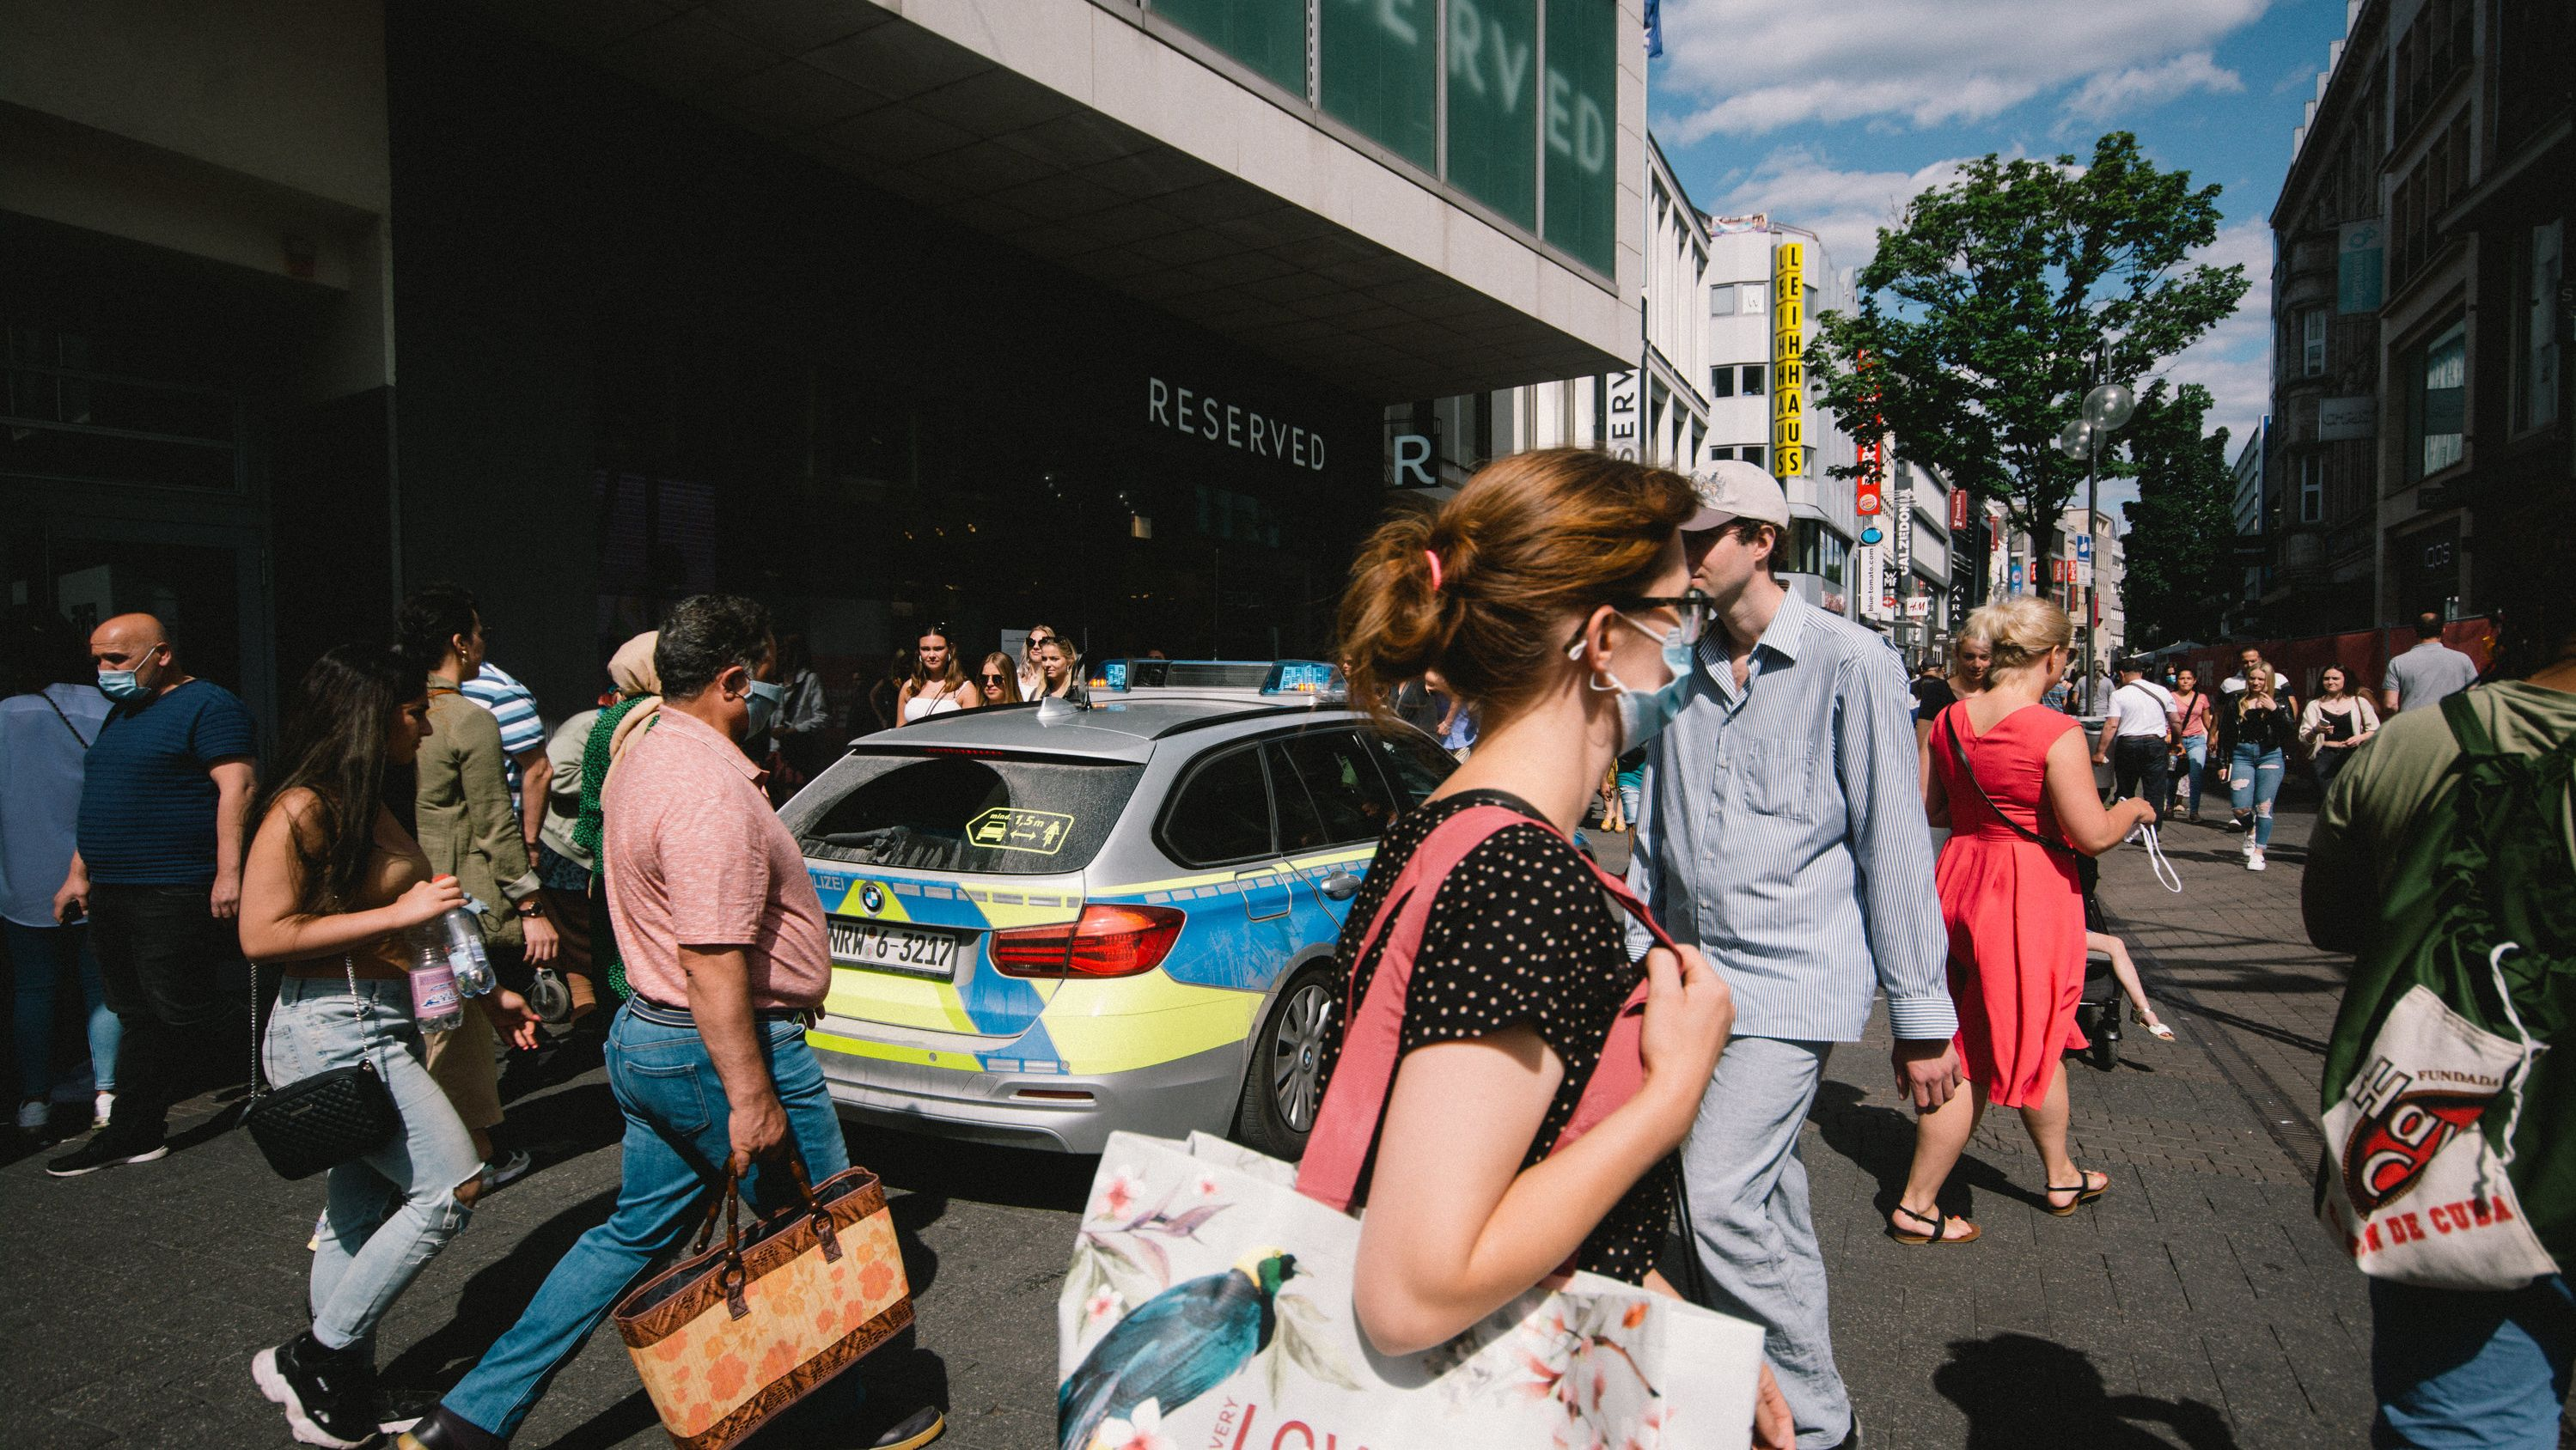 Menschen auf der Straße in Köln